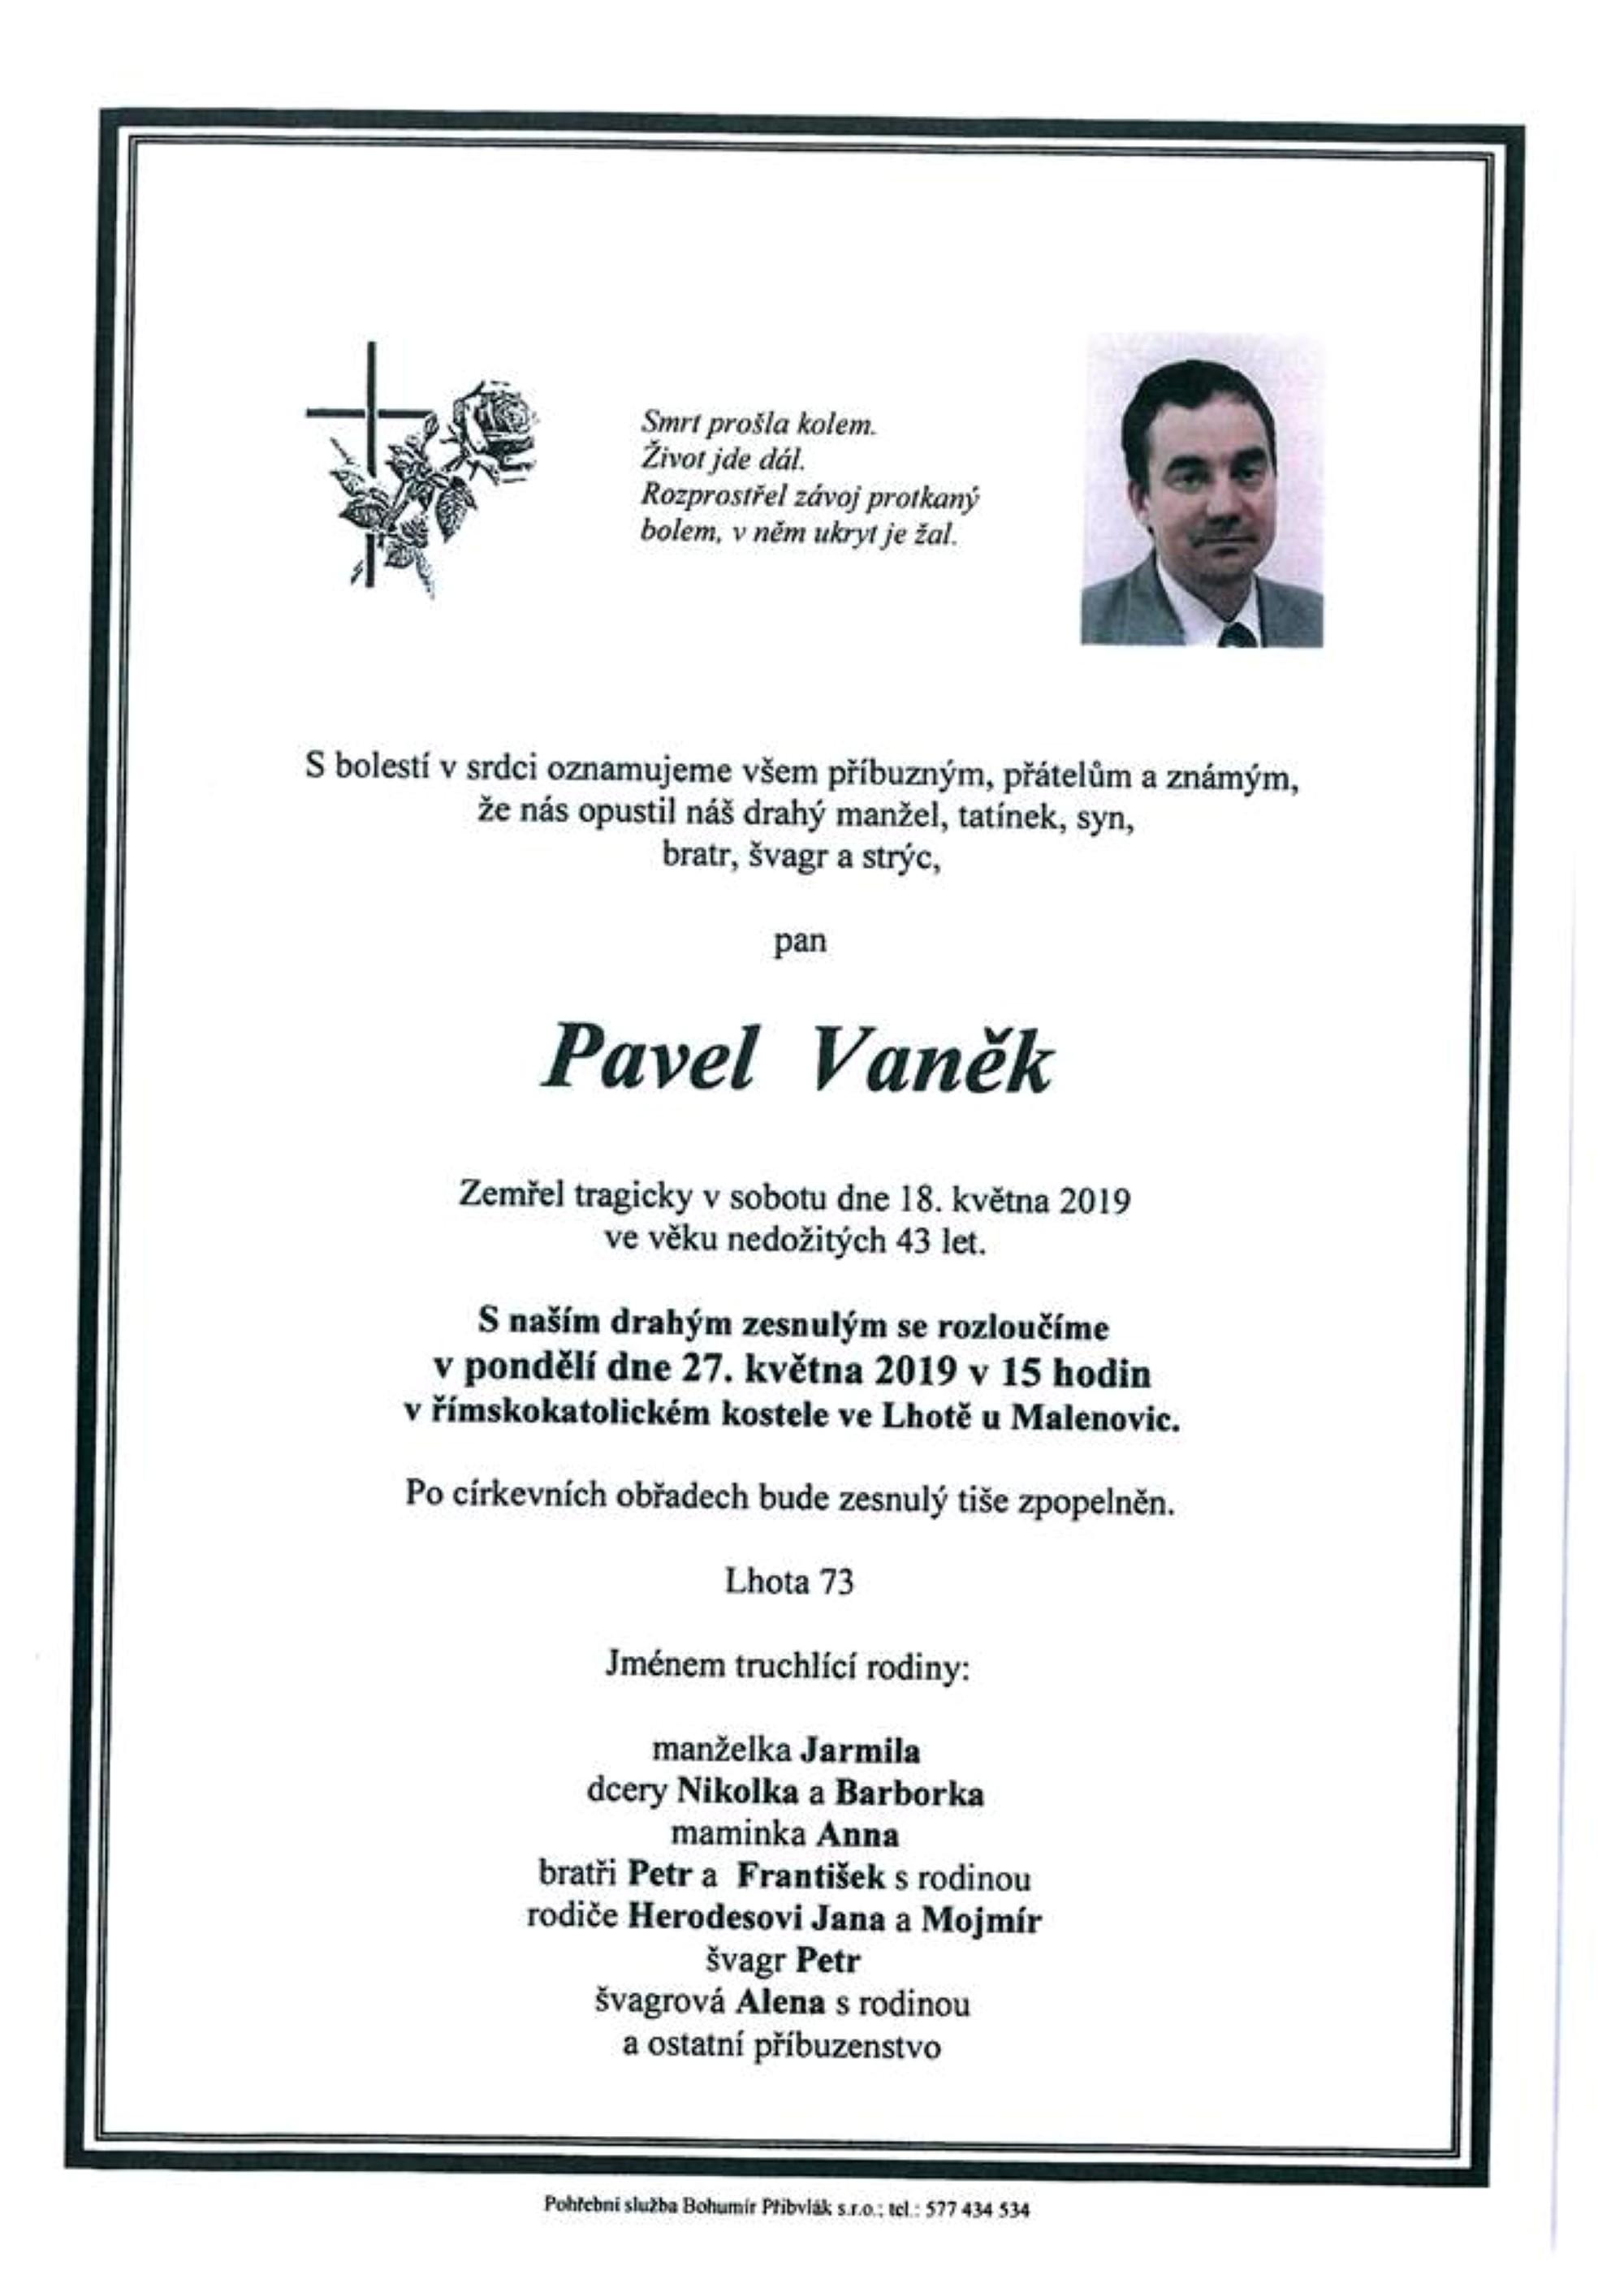 Pavel Vaněk